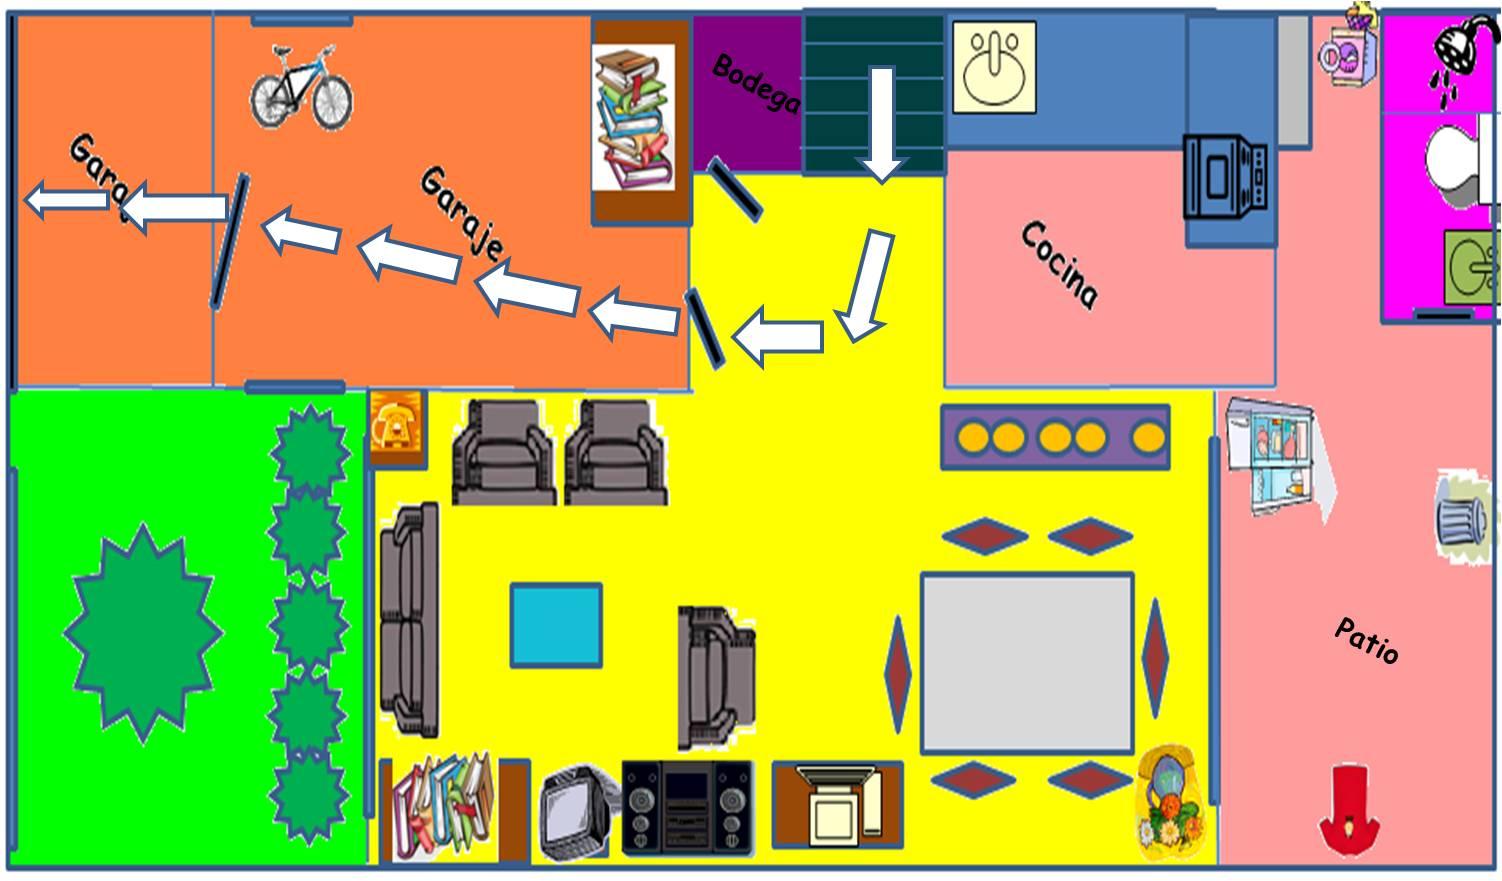 Localización De Una Casa En El Mapa: Primeros Auxilios Y Prevención De Desastres: Mapa De Mi Casa